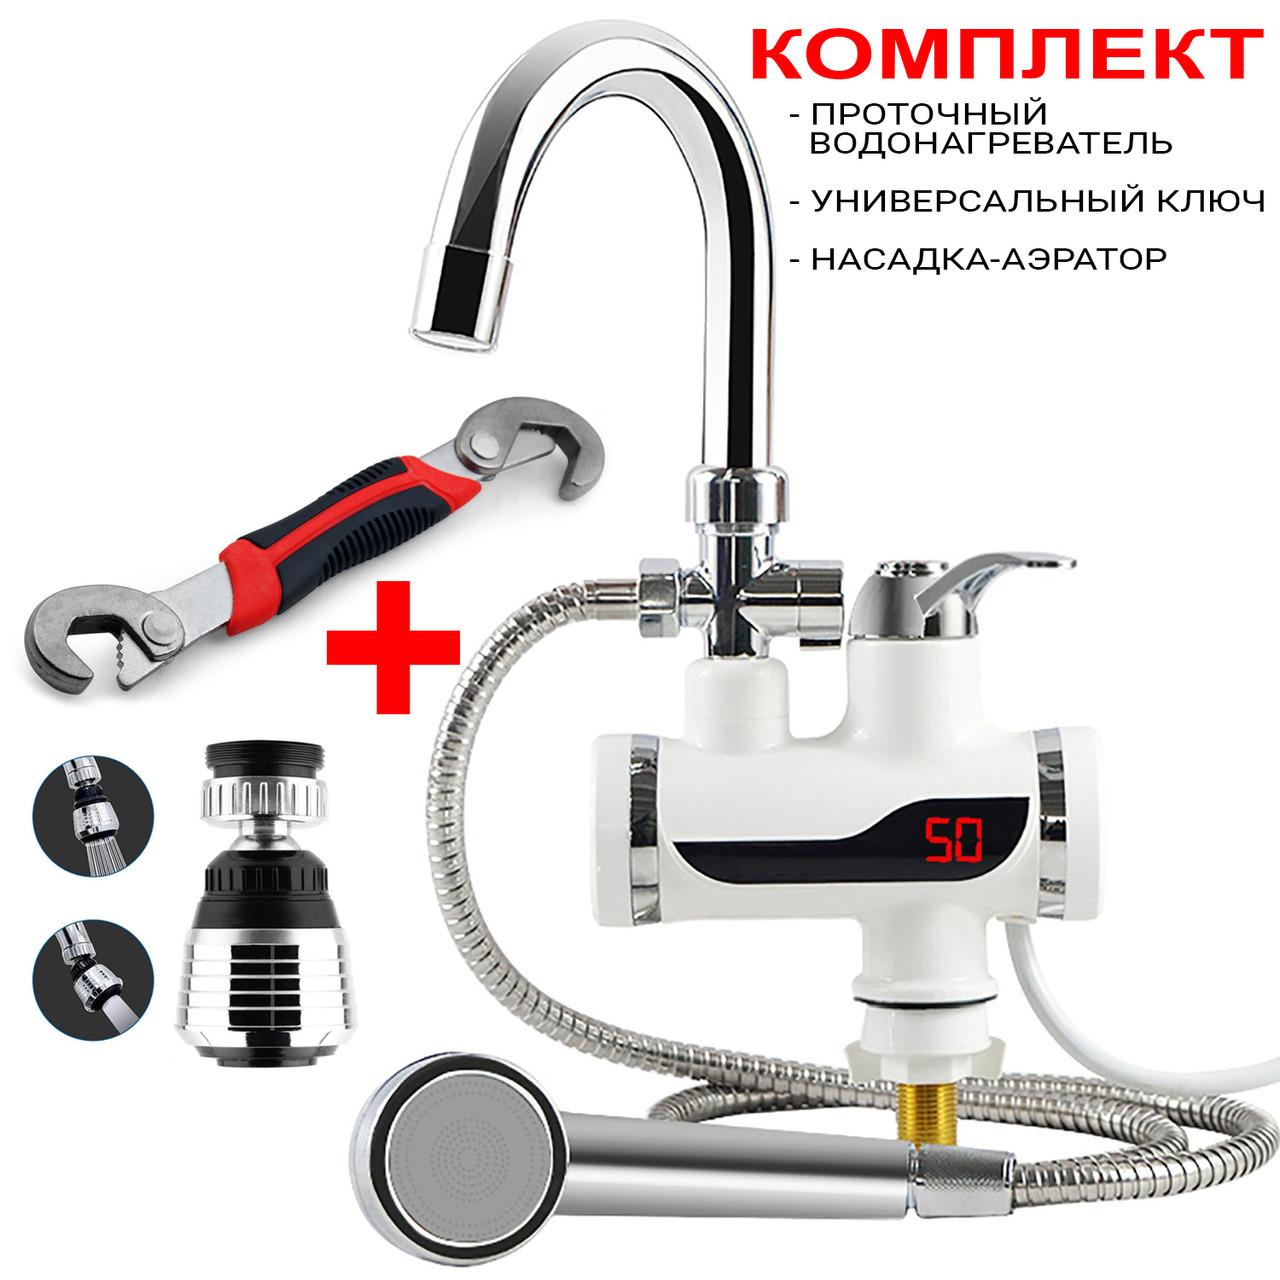 Проточный водонагреватель с LCD экраном и душем+универсальный ключ Snap-n-Grip+Аэратор Water Saver